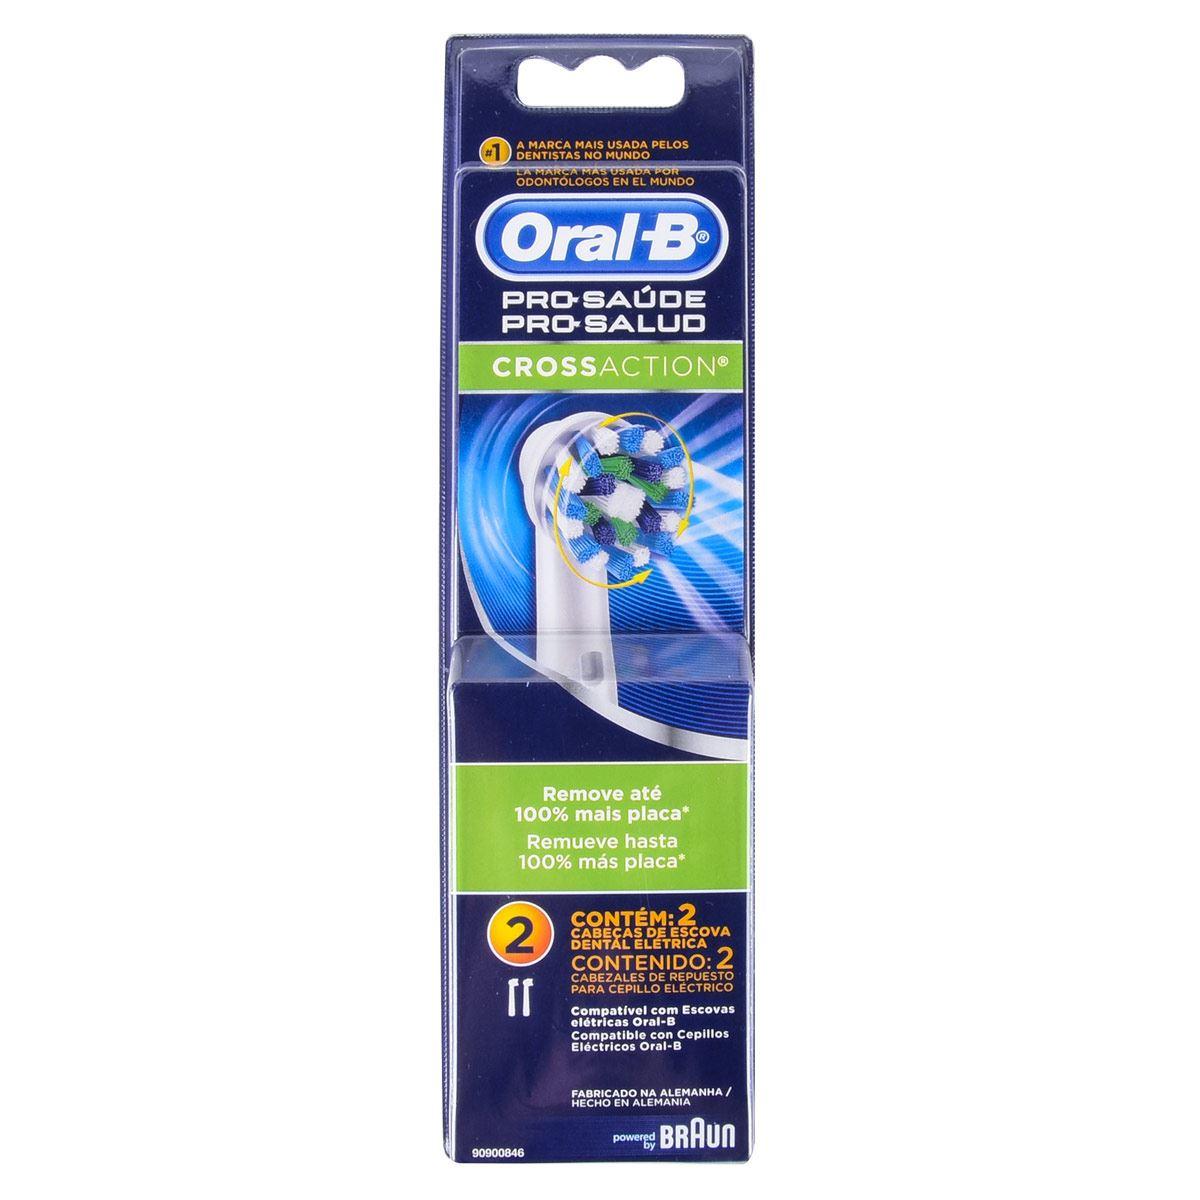 Repuestos de Cepillo Dental Eléctrico Oral-B Cross Action con 2 Pzs.